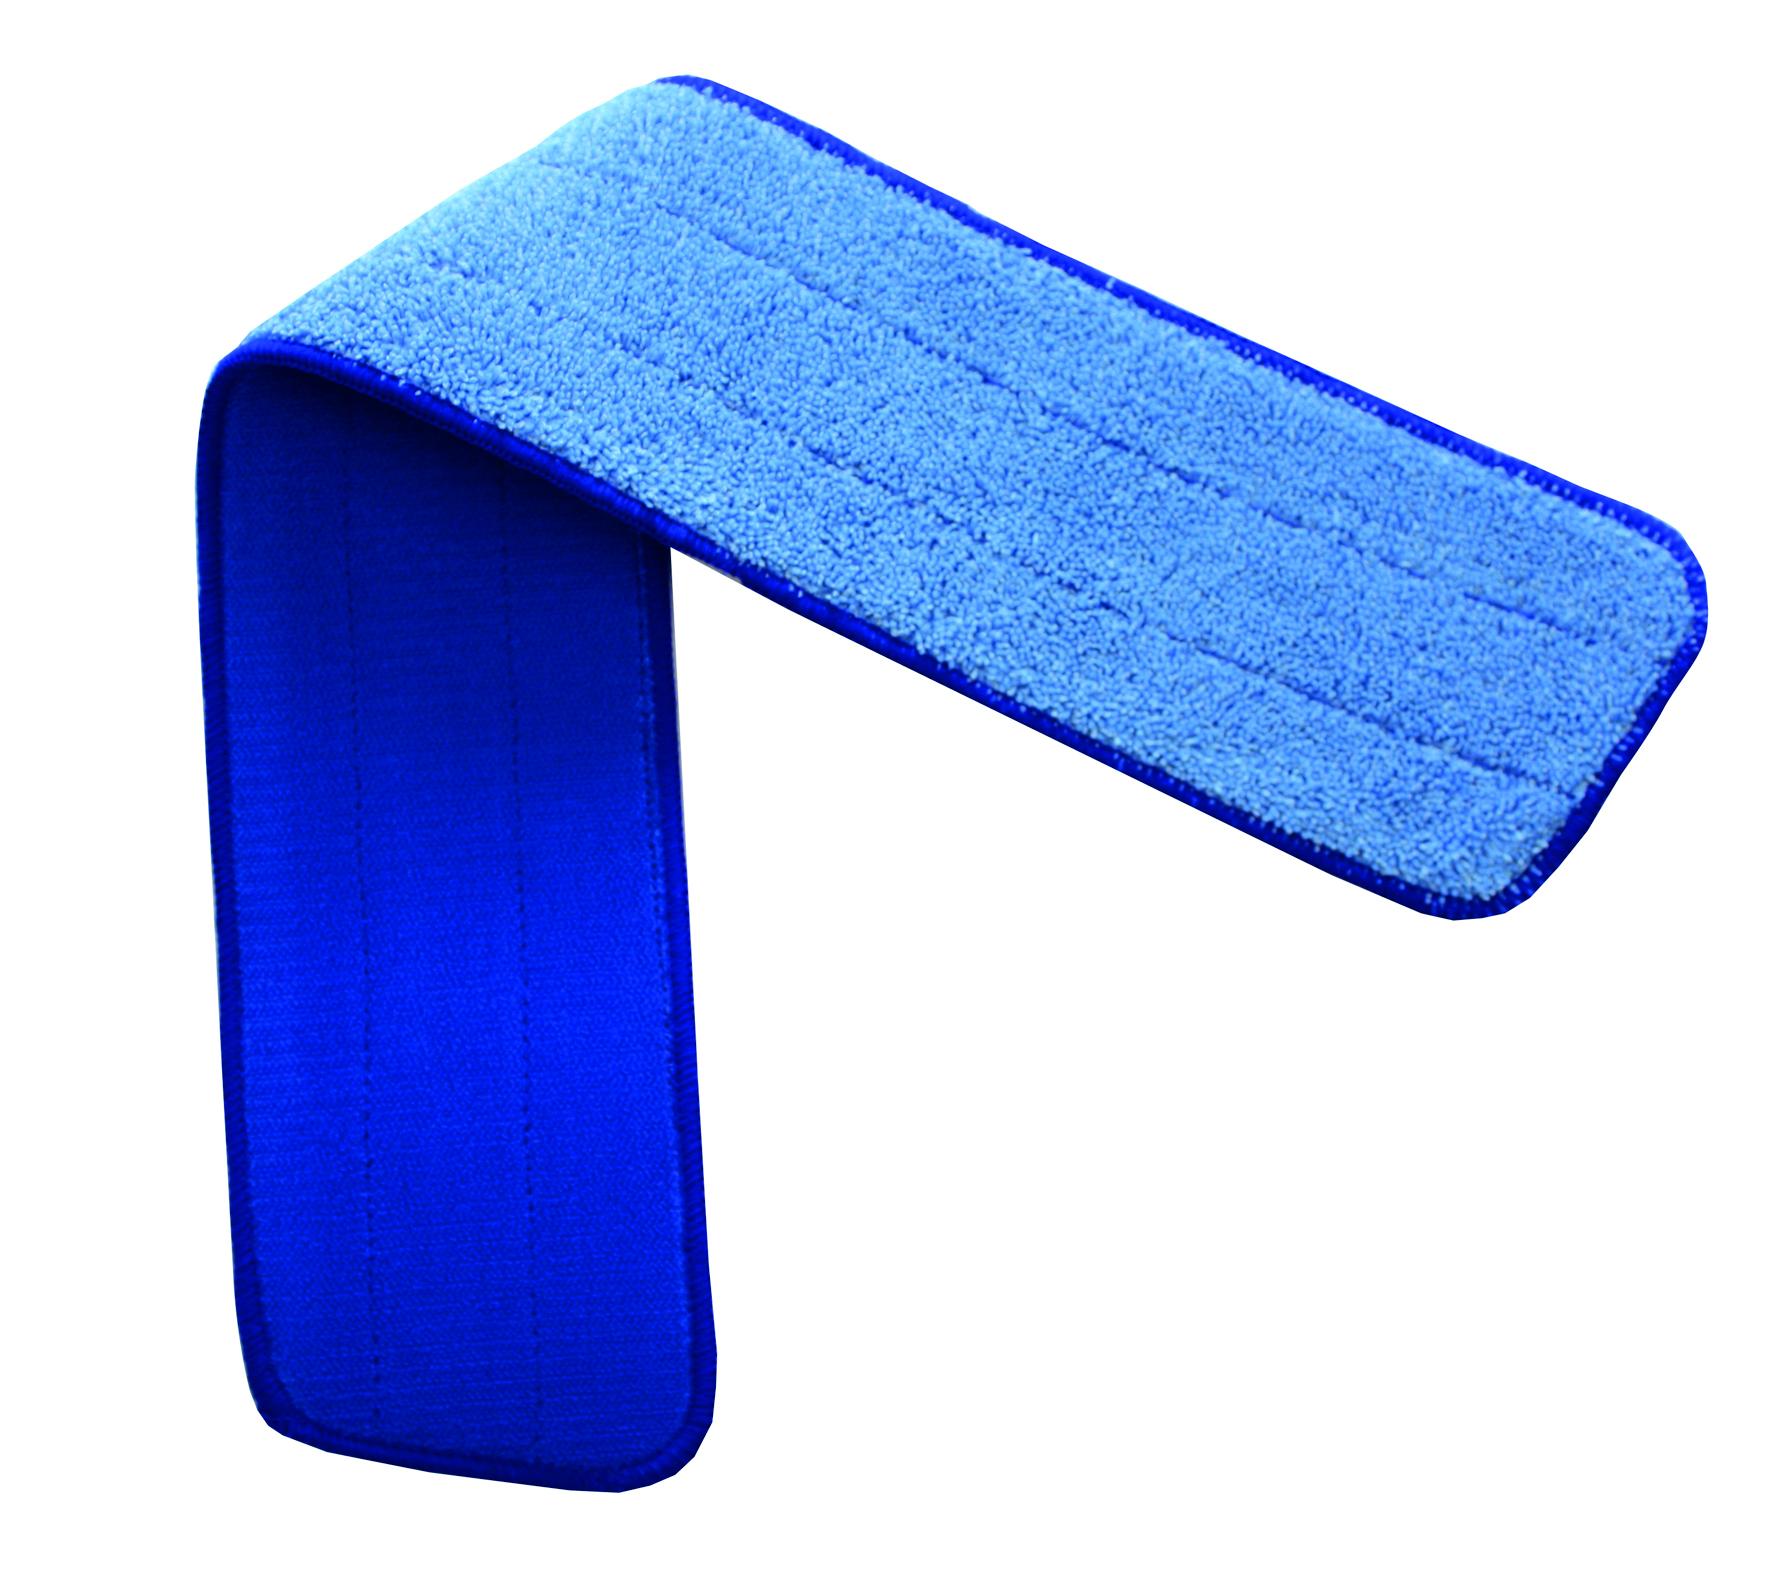 HT Mopp 40cm, krõpsuga, mikrokiud, sinine, sile